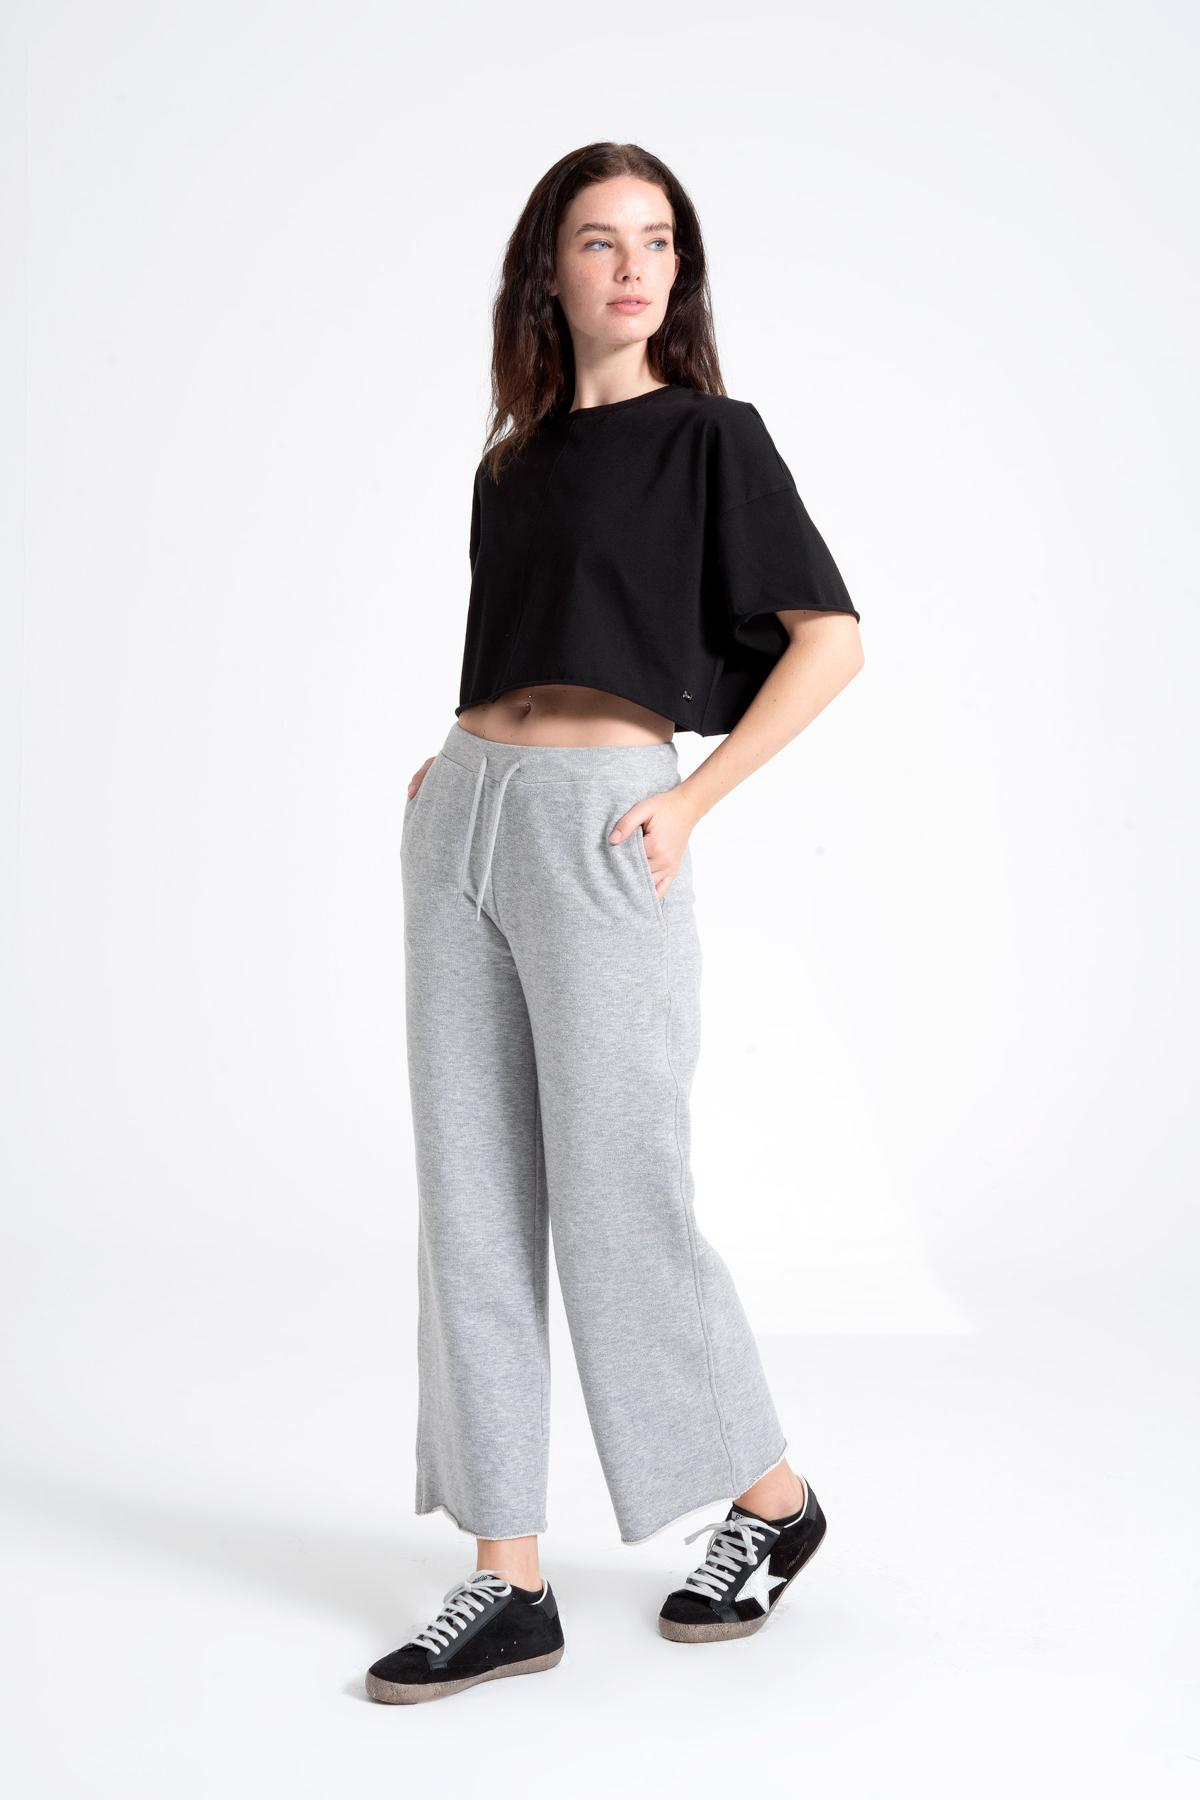 Wide Cut Women's Trousers newces-1037-GM